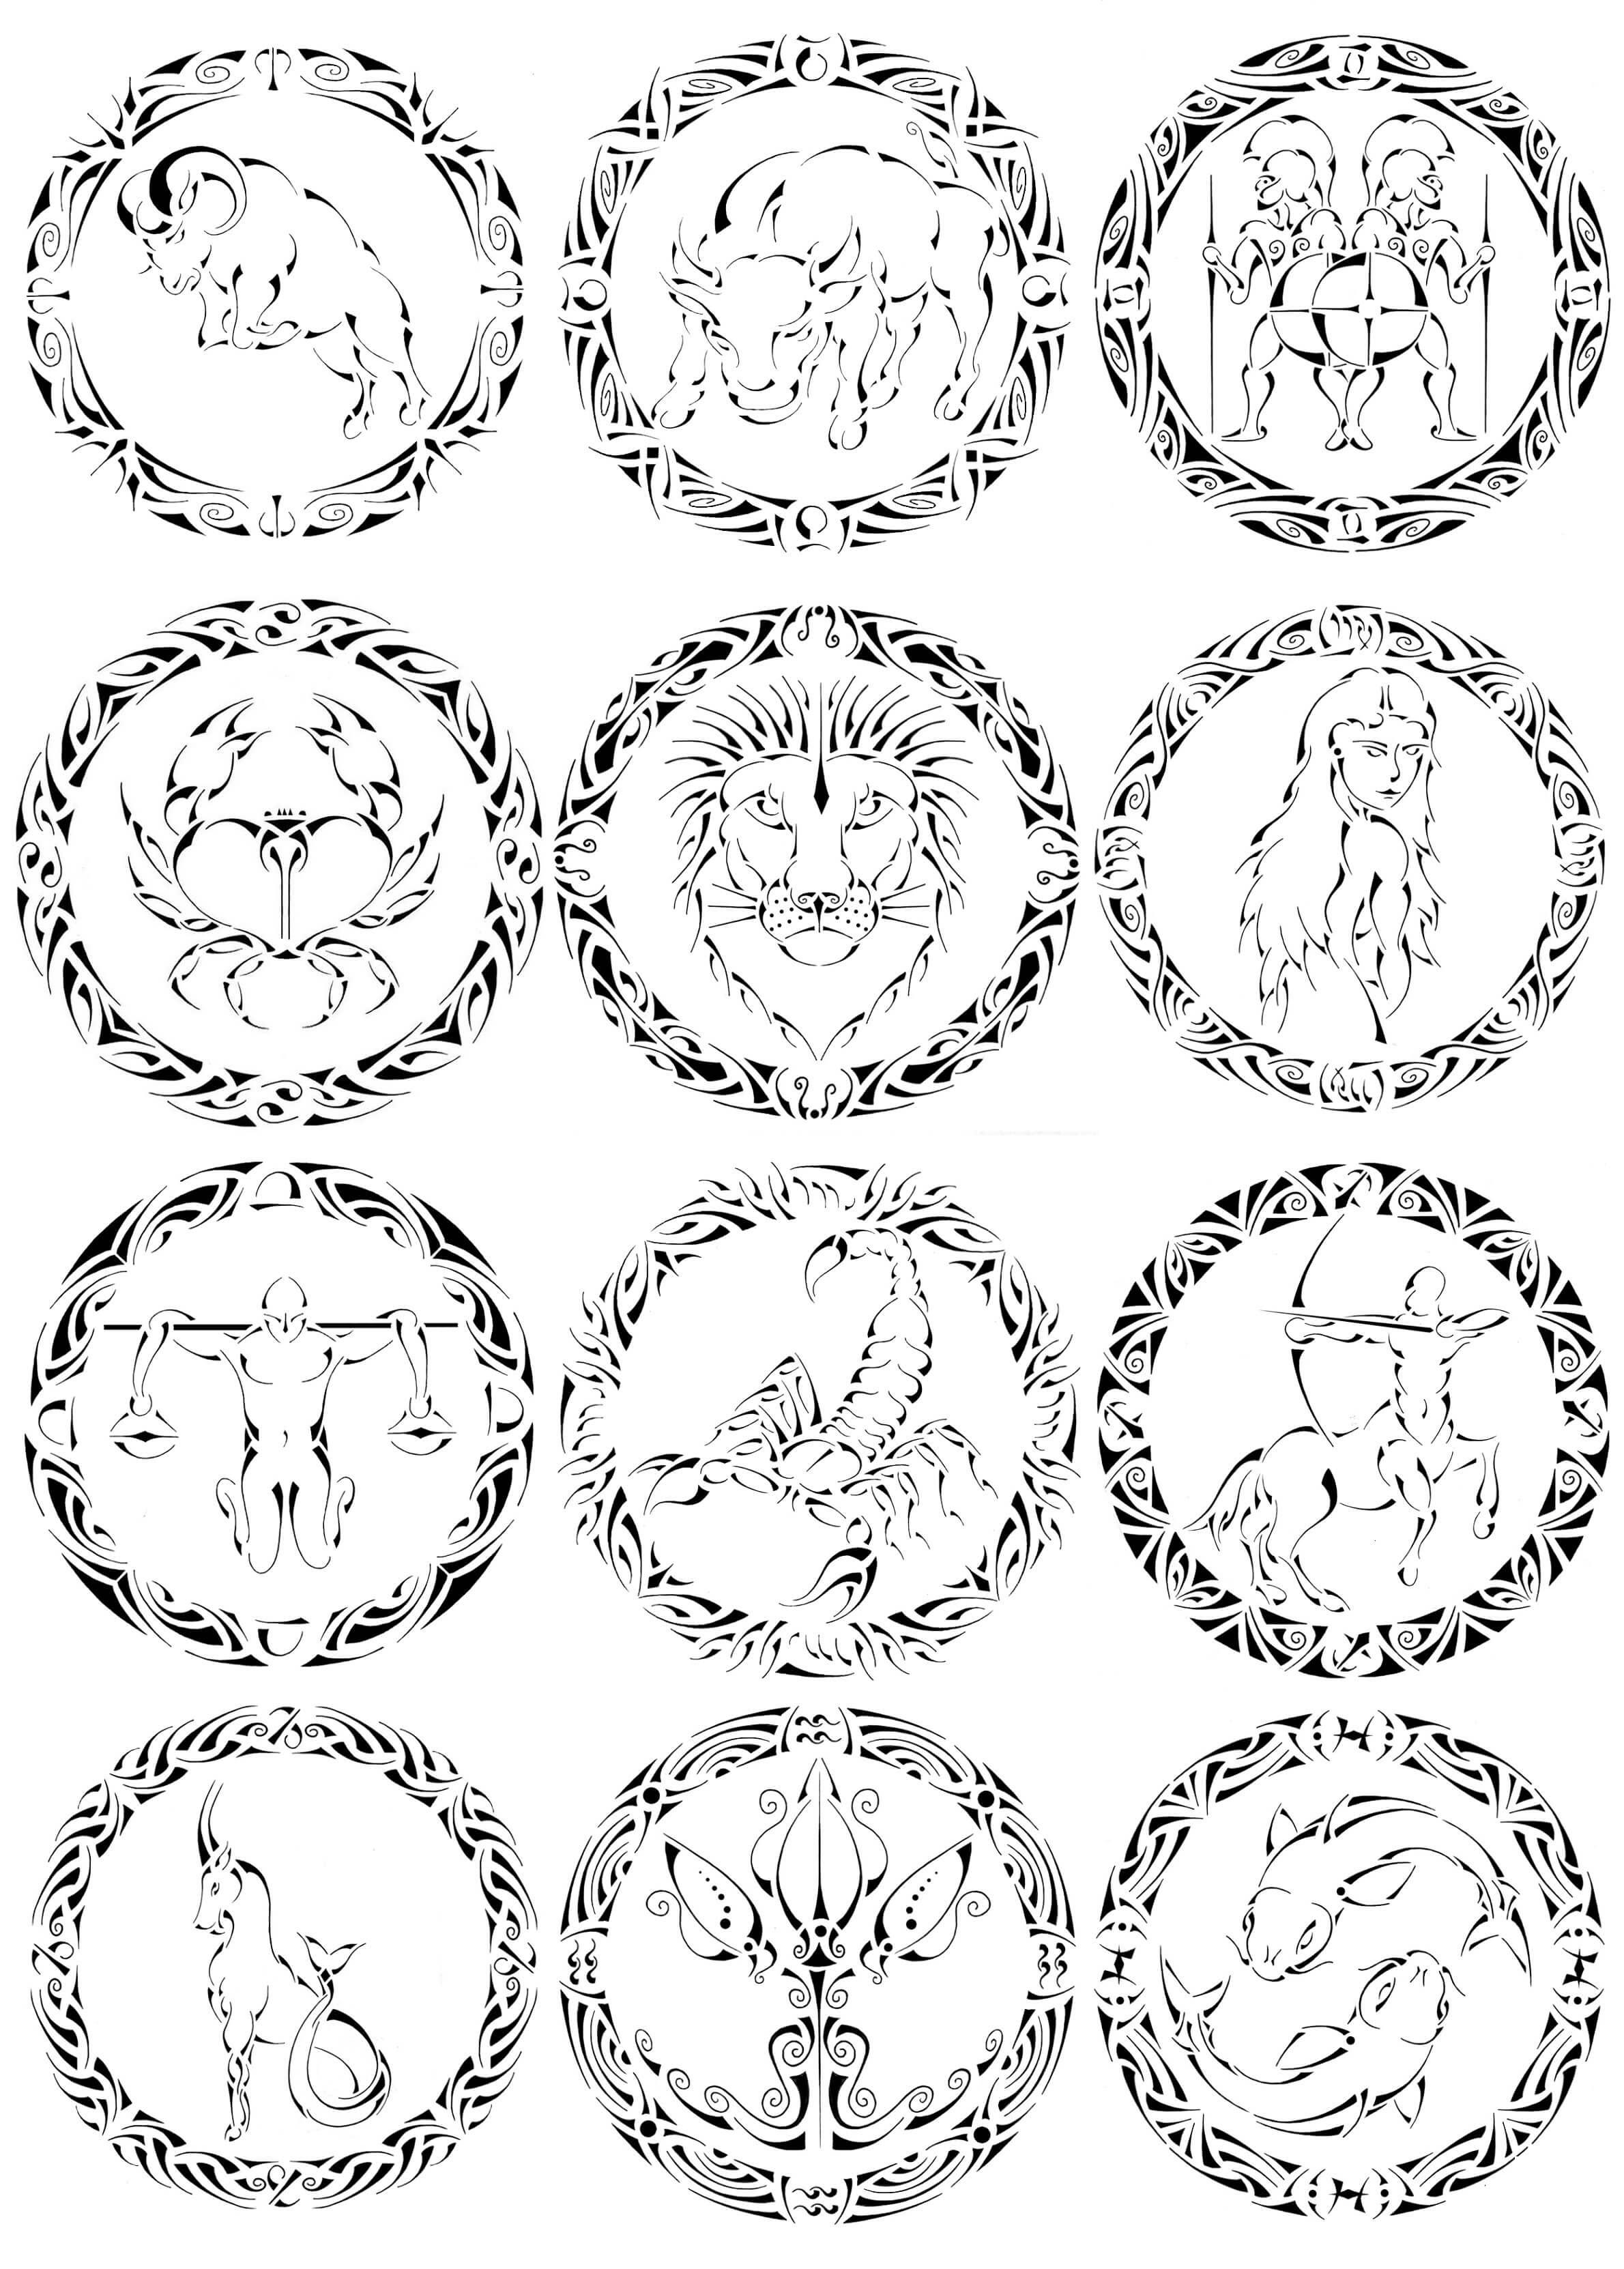 Tranh tô màu 12 cung hoàng đạo đẹp nhất